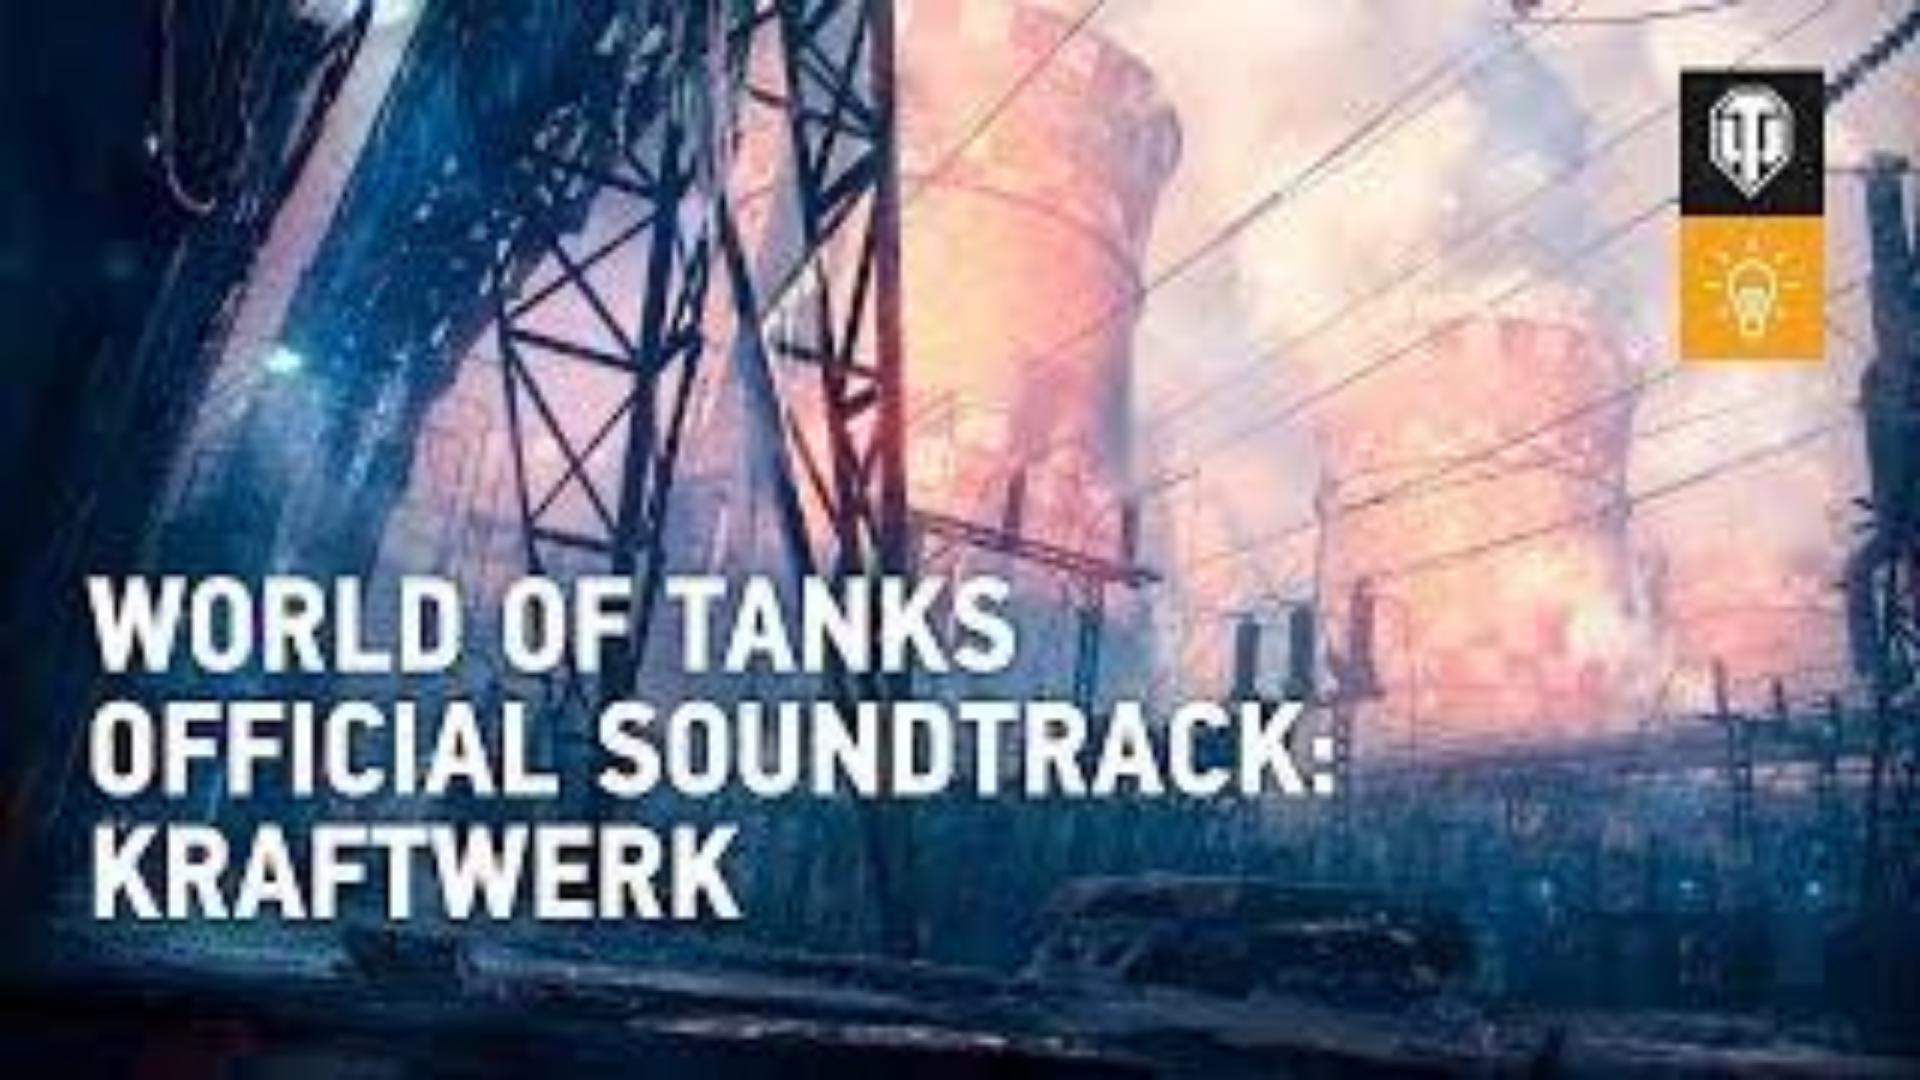 【坦克世界】官方原声音乐大碟:Kraftwerk